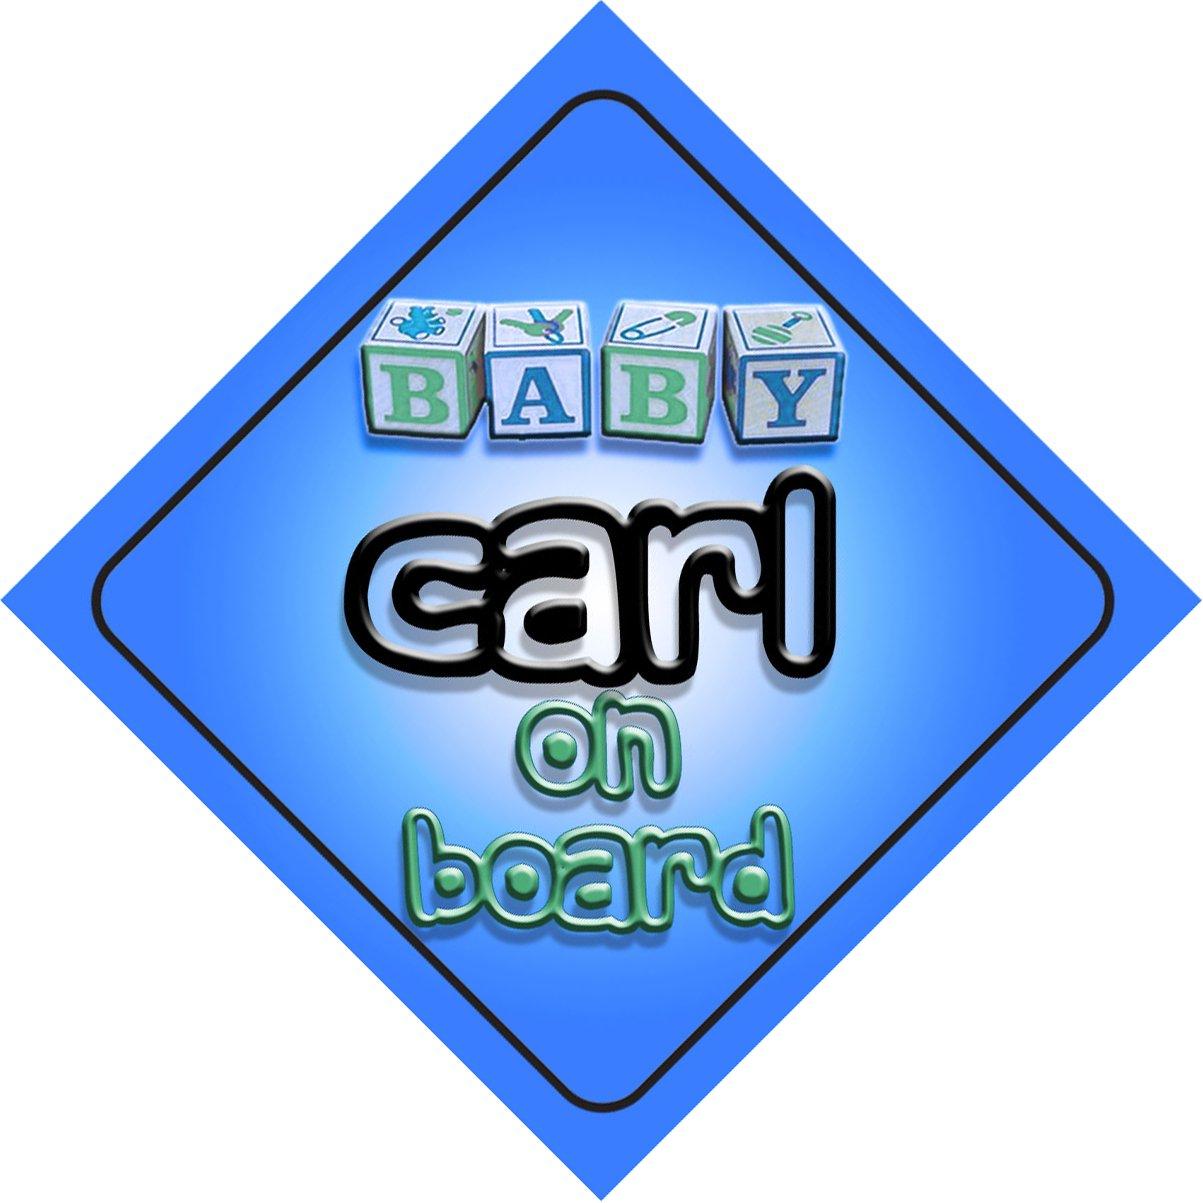 Bébé Garçon Carl on Board fantaisie Panneau de voiture Cadeau/cadeau pour nouveau/enfant nouveau-né